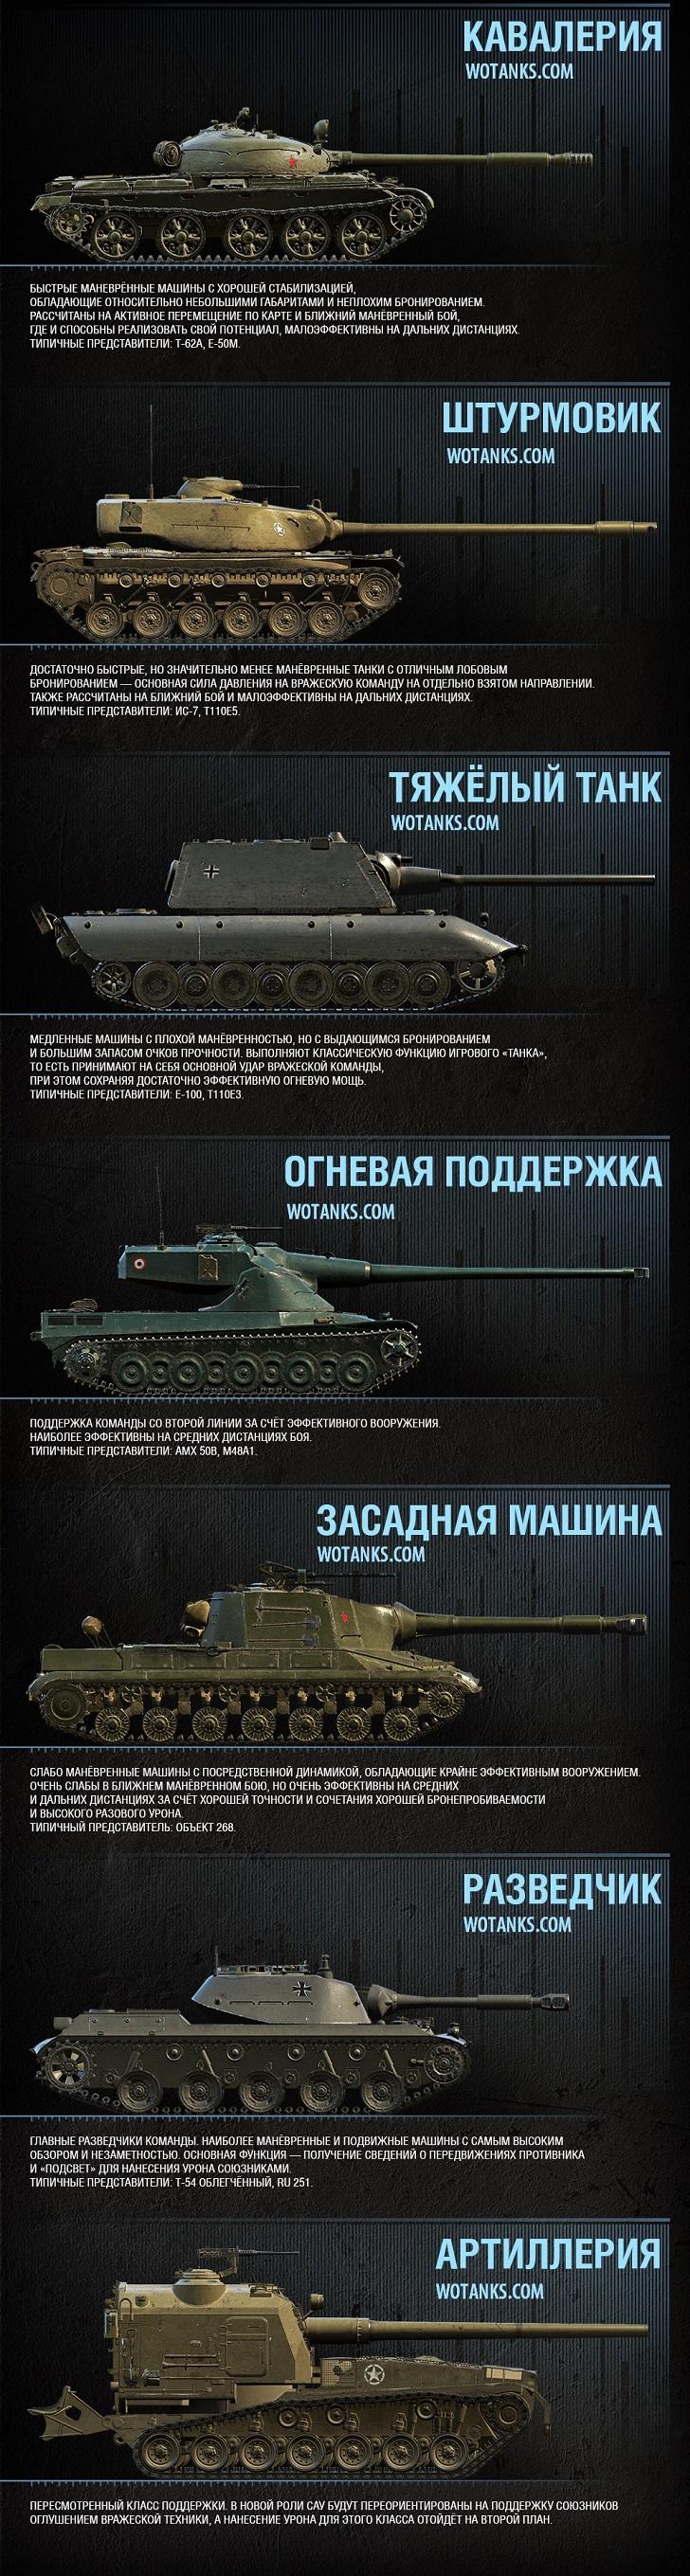 Классы танков Песочницы wot